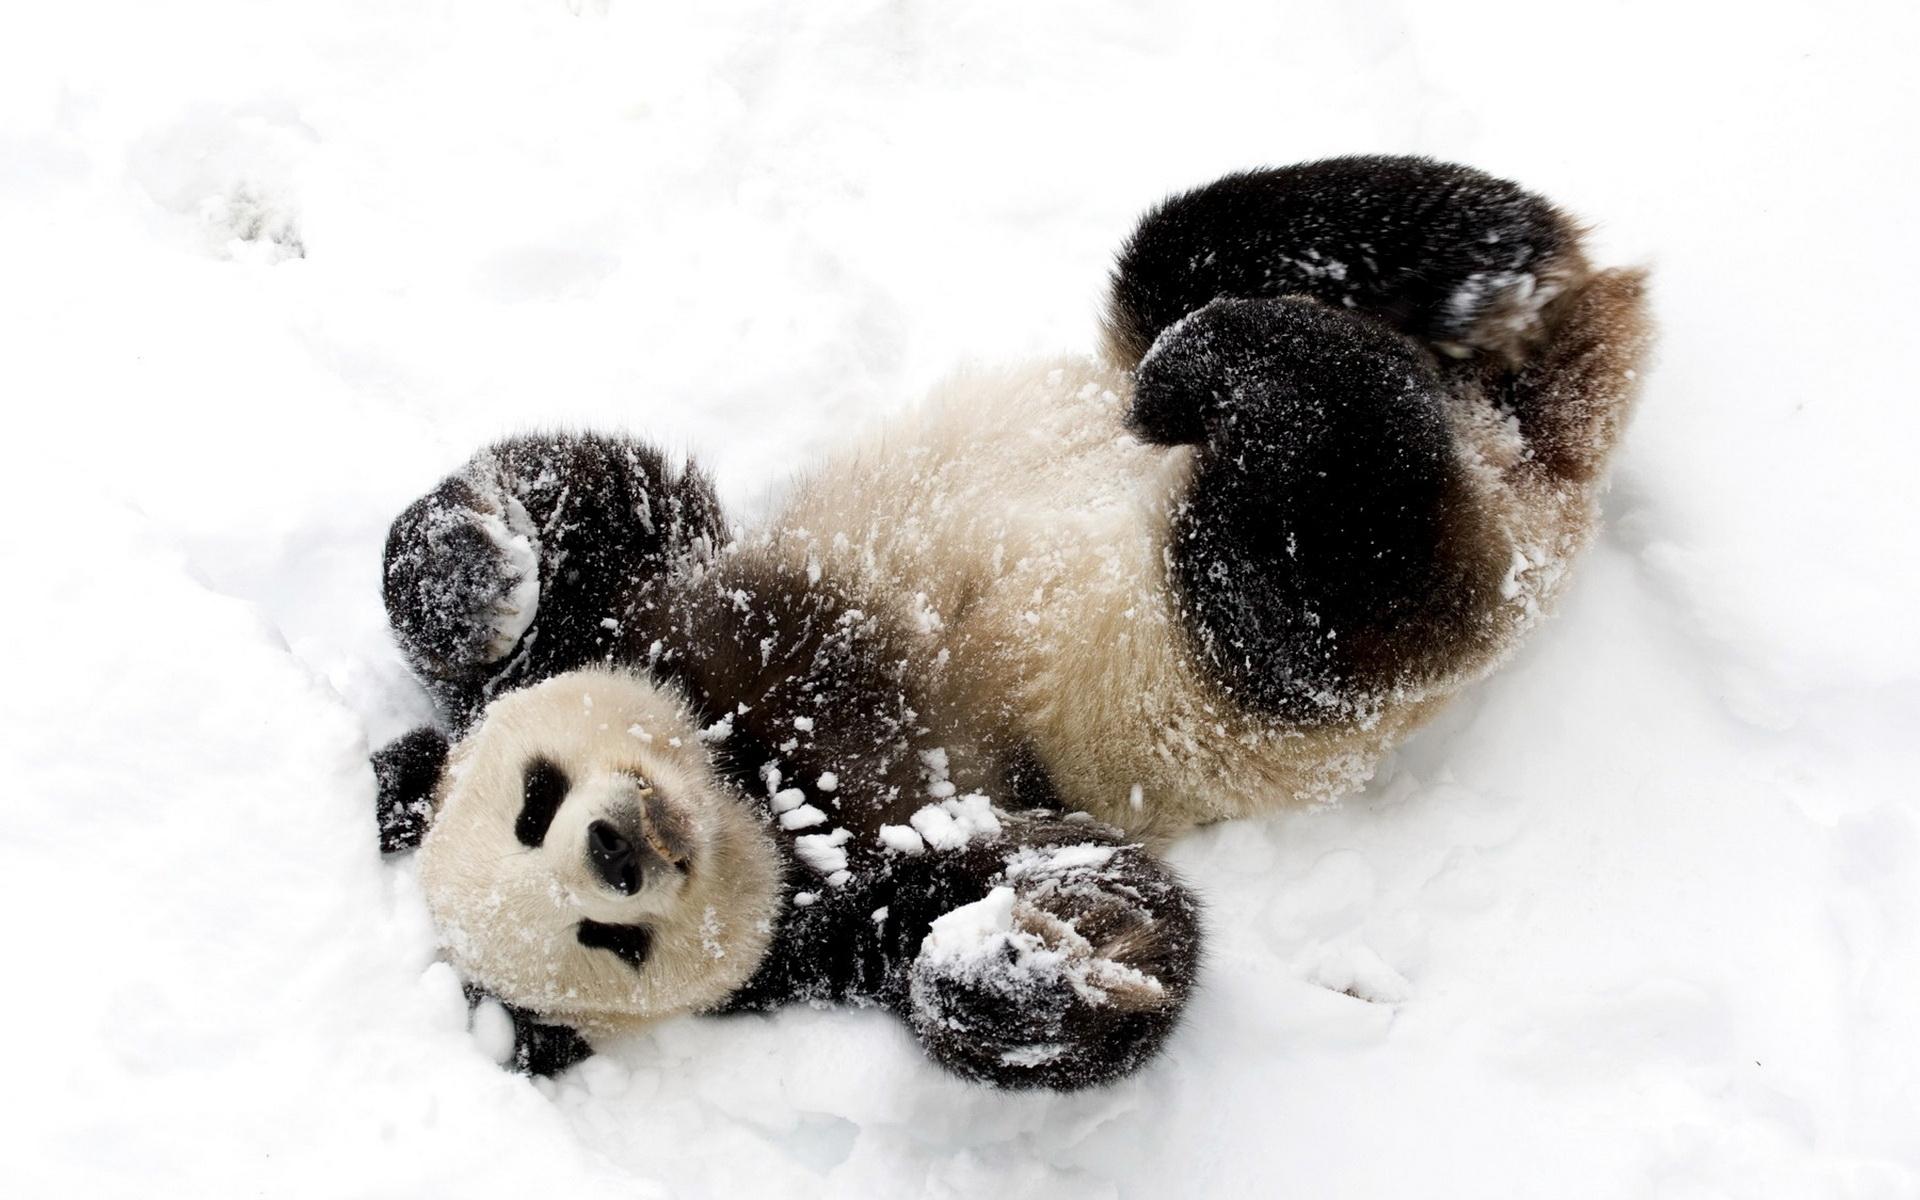 download wallpaper: panda in de sneeuw wallpaper